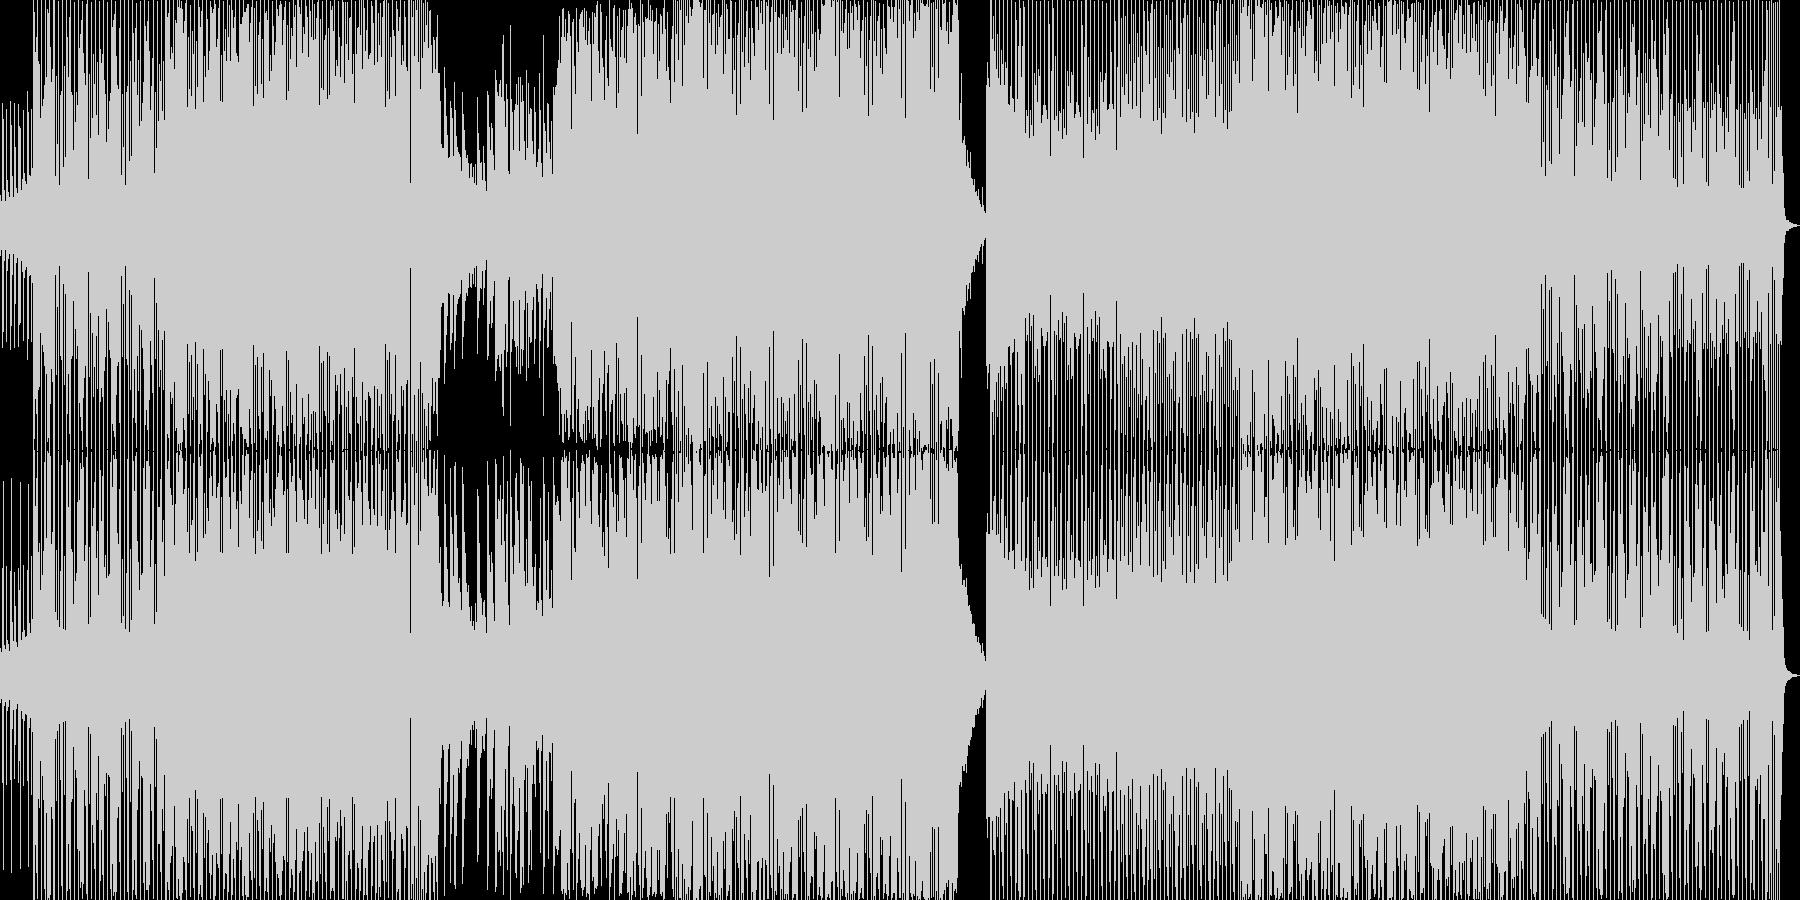 喫茶店・アパレル系のハウスミュージックの未再生の波形